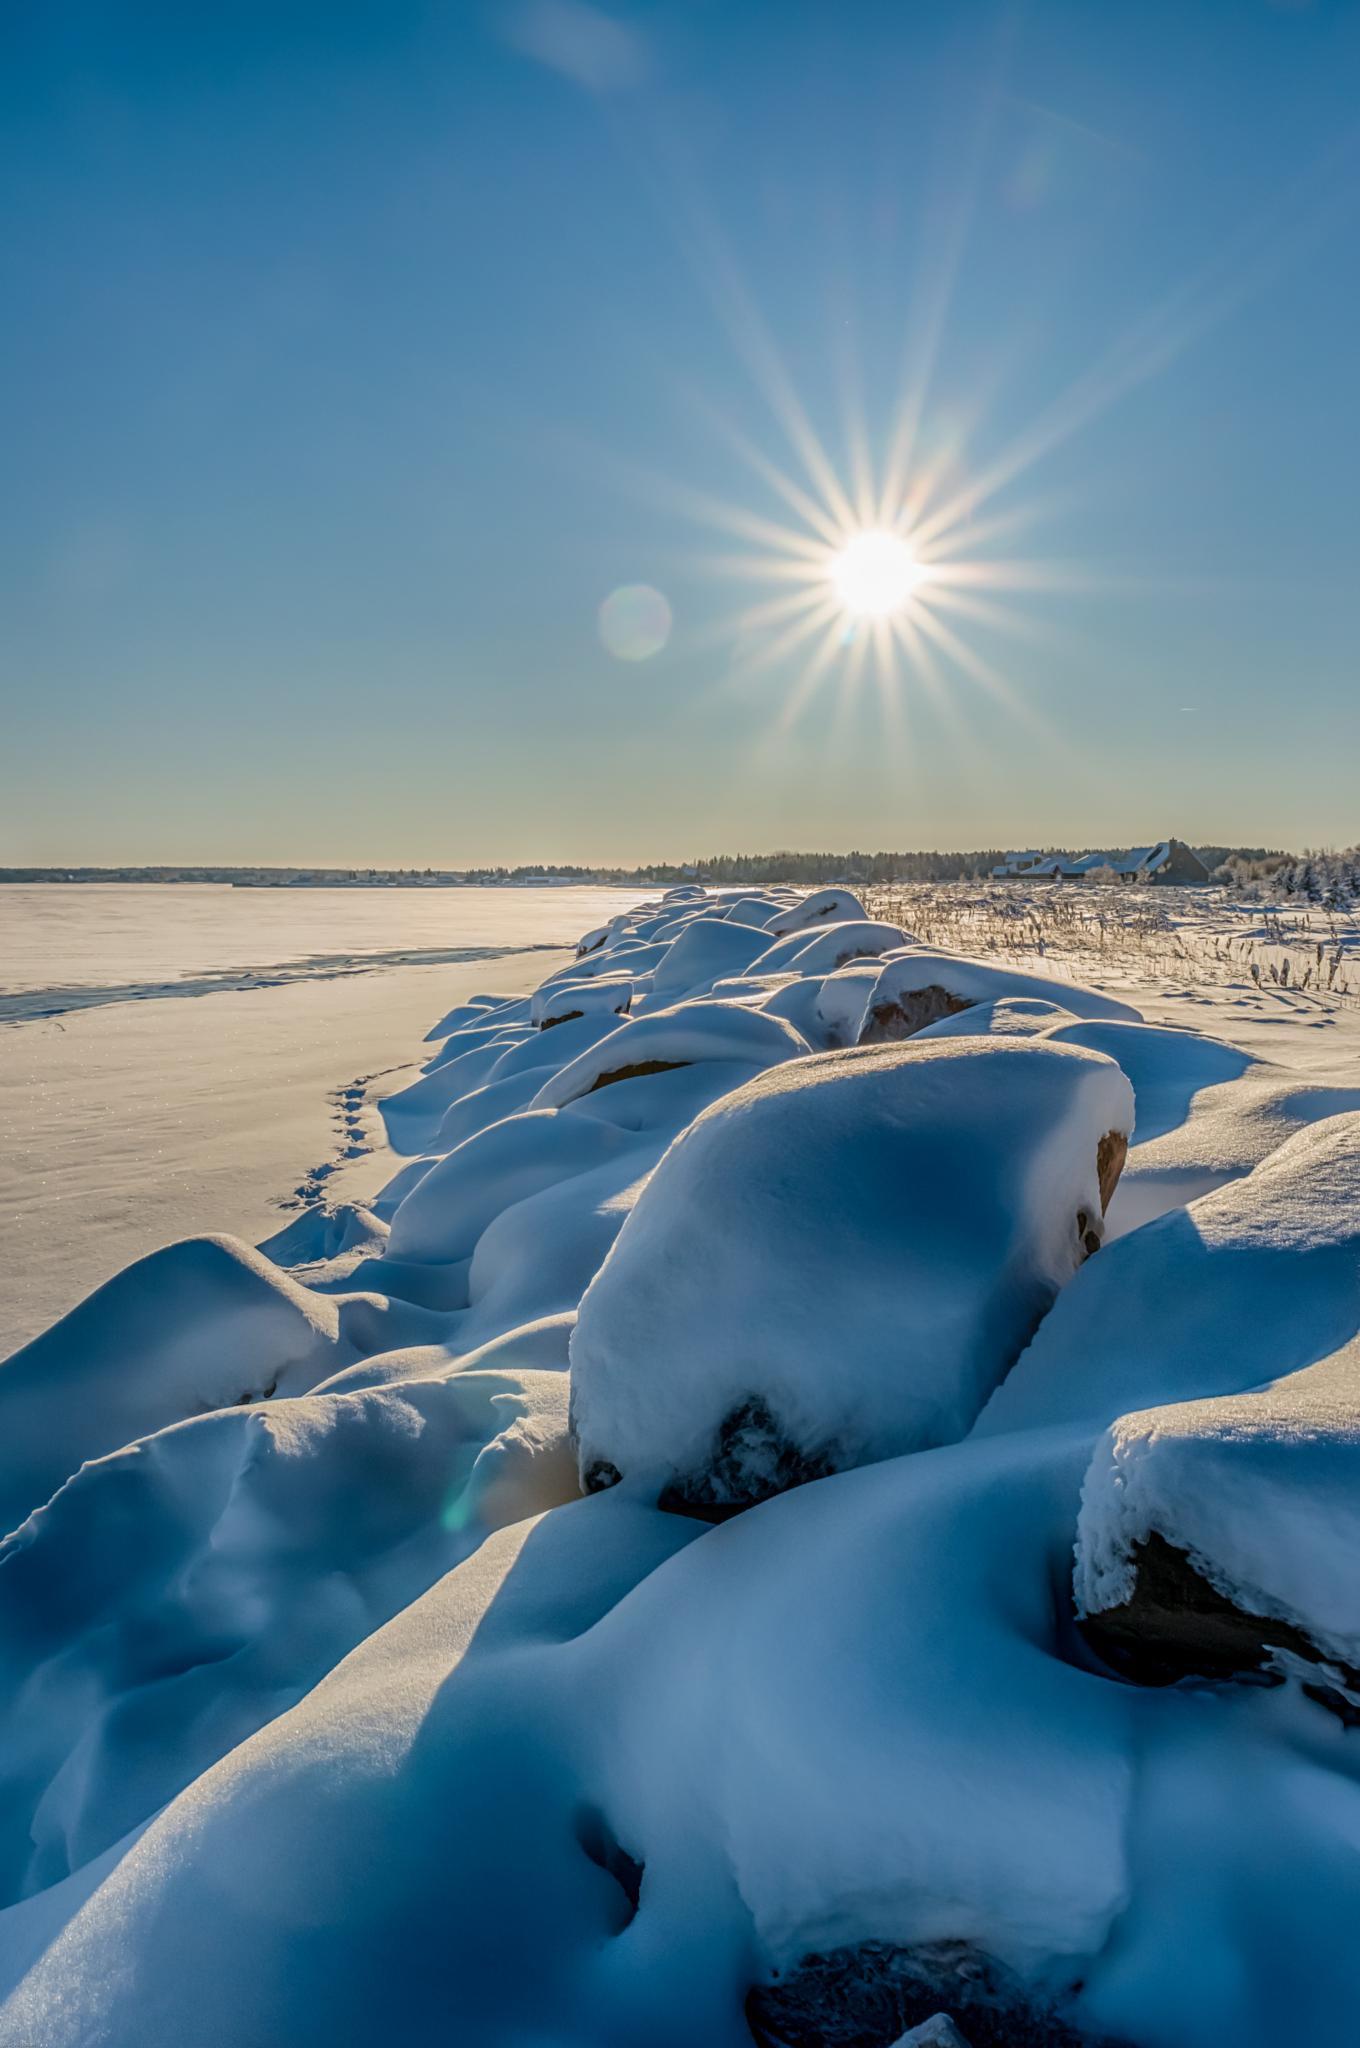 Winter beach by Alec Hickman